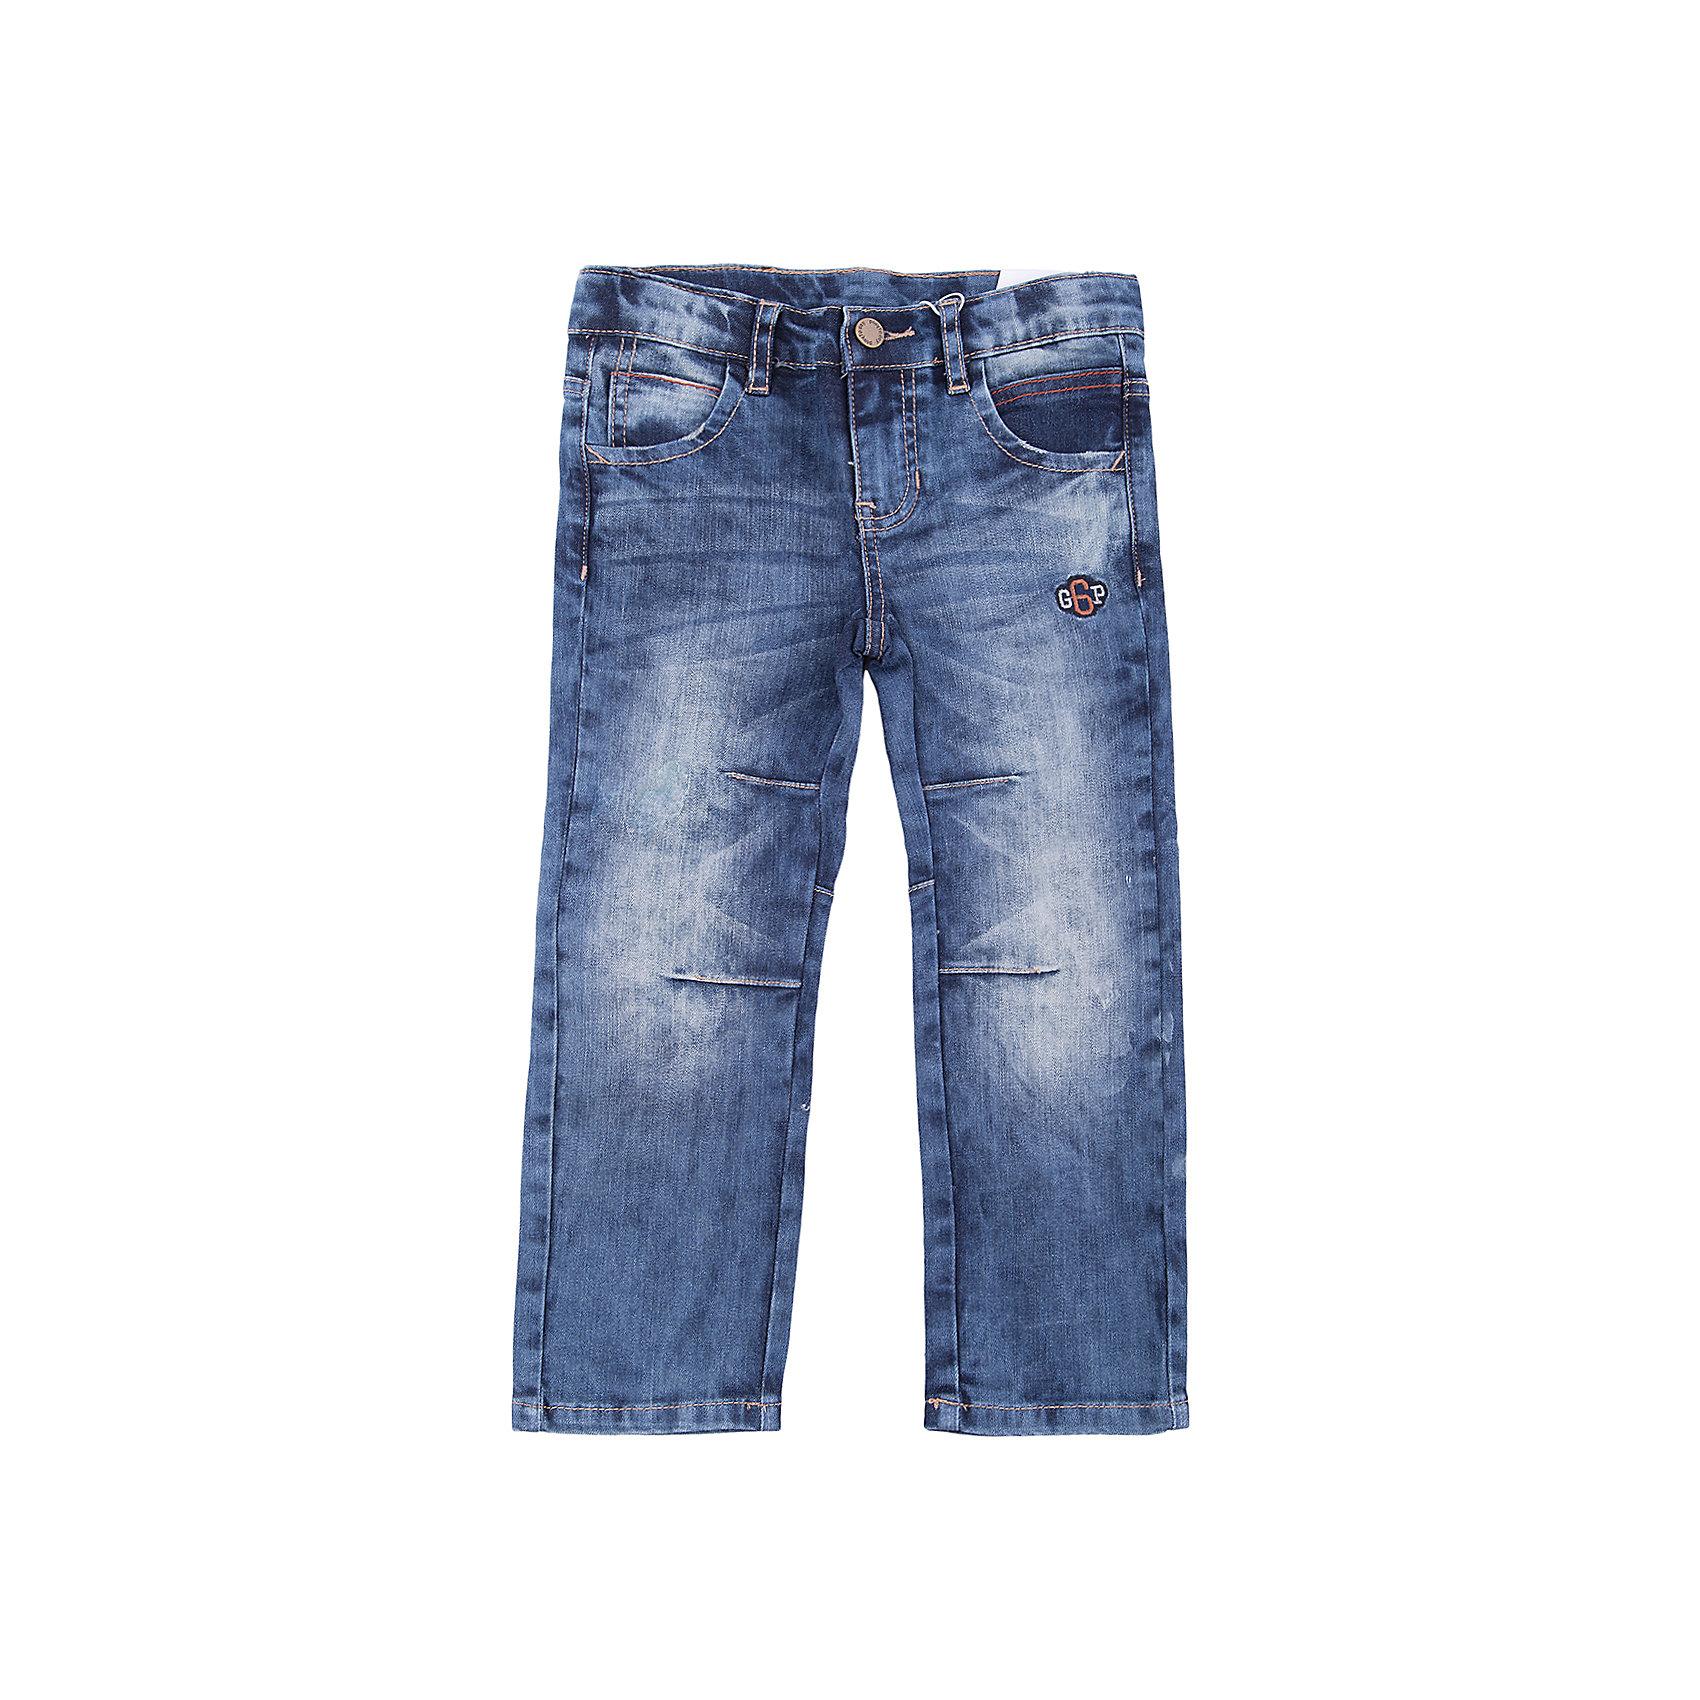 Брюки PlayToday для мальчикаДжинсы<br>Брюки PlayToday для мальчика<br>Удобные практичные брюки - джинсы. Классическая 5-ти карманная модель. Джинсы декорированы потертостями и декоративной строчкой.<br>Состав:<br>98% хлопок, 2% эластан<br><br>Ширина мм: 215<br>Глубина мм: 88<br>Высота мм: 191<br>Вес г: 336<br>Цвет: синий<br>Возраст от месяцев: 84<br>Возраст до месяцев: 96<br>Пол: Мужской<br>Возраст: Детский<br>Размер: 128,98,104,110,116,122<br>SKU: 7111623